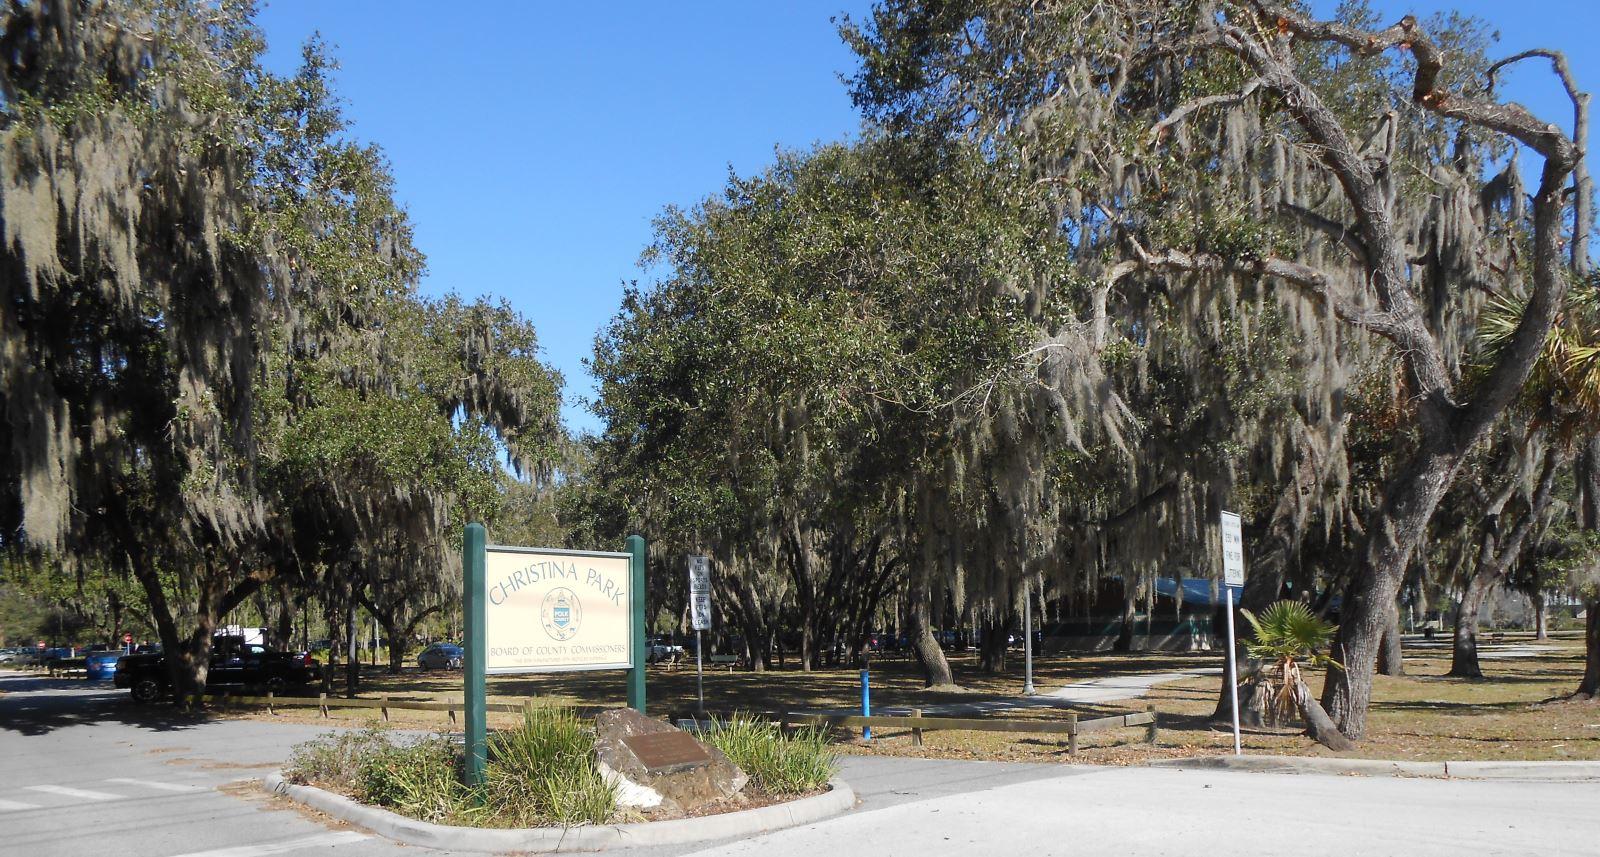 Christina Park Lakeland FL